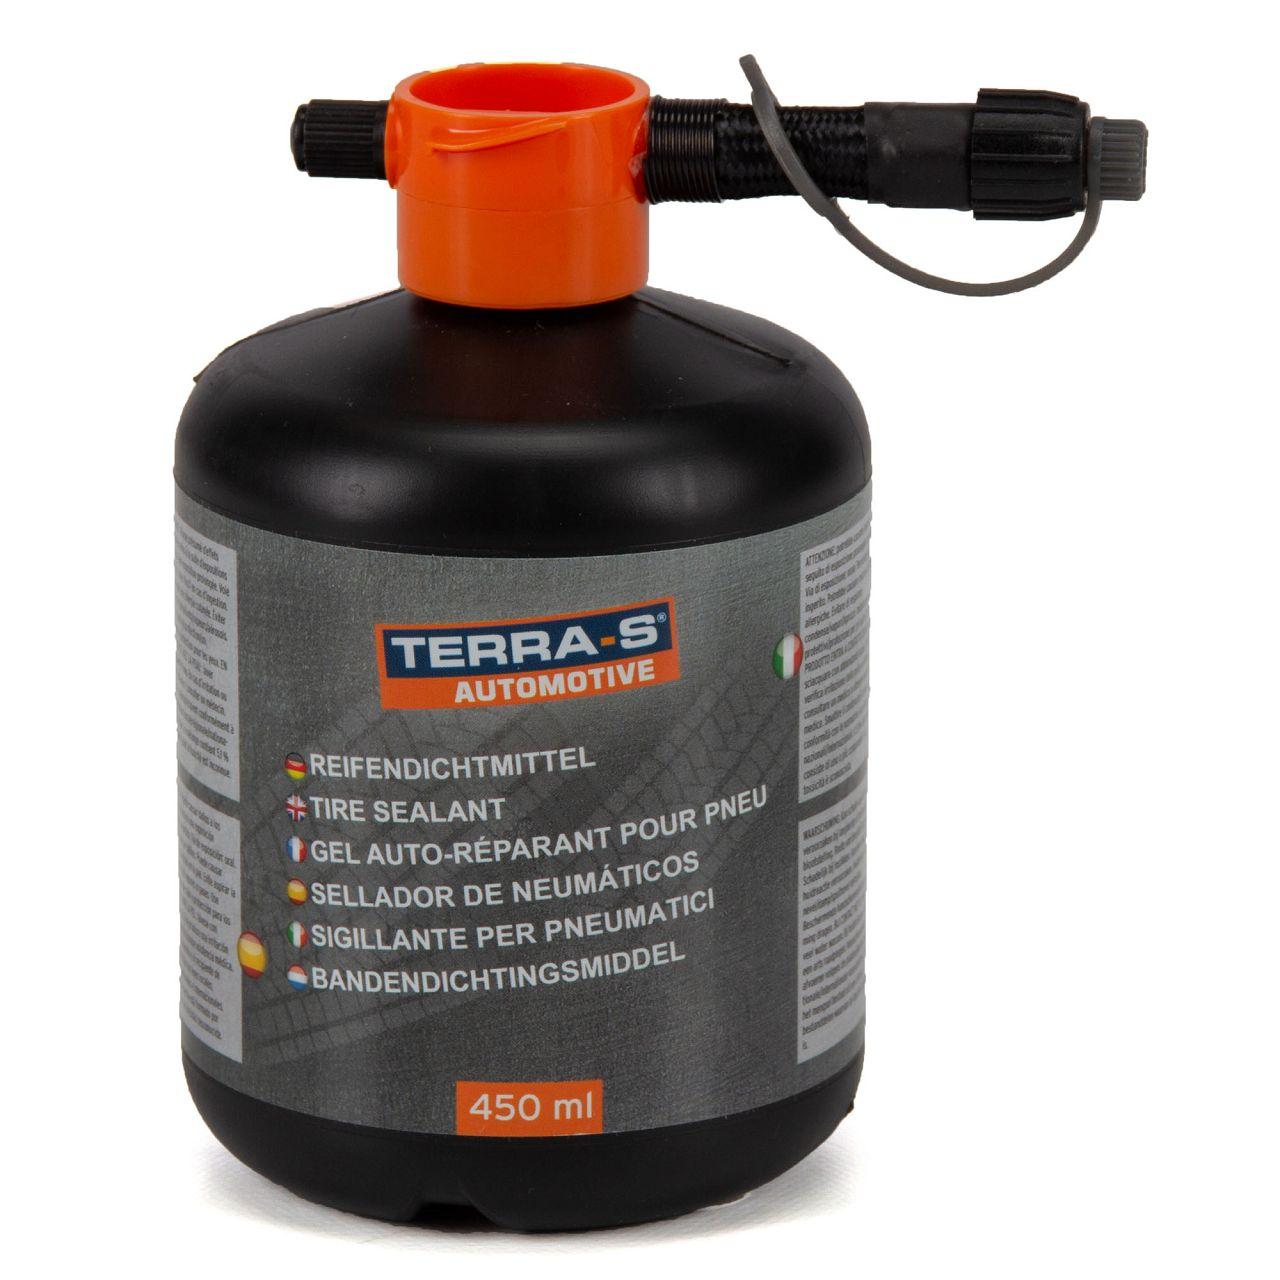 TERRA S Tirefit Ersatzflasche Nachfüllflasche 450 ml Dichtmittel Pannenset